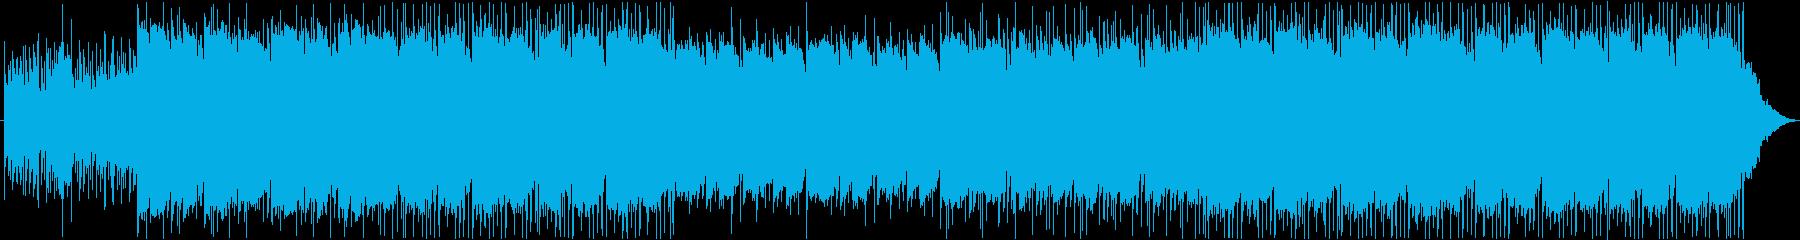 アコースティックギター音楽の再生済みの波形